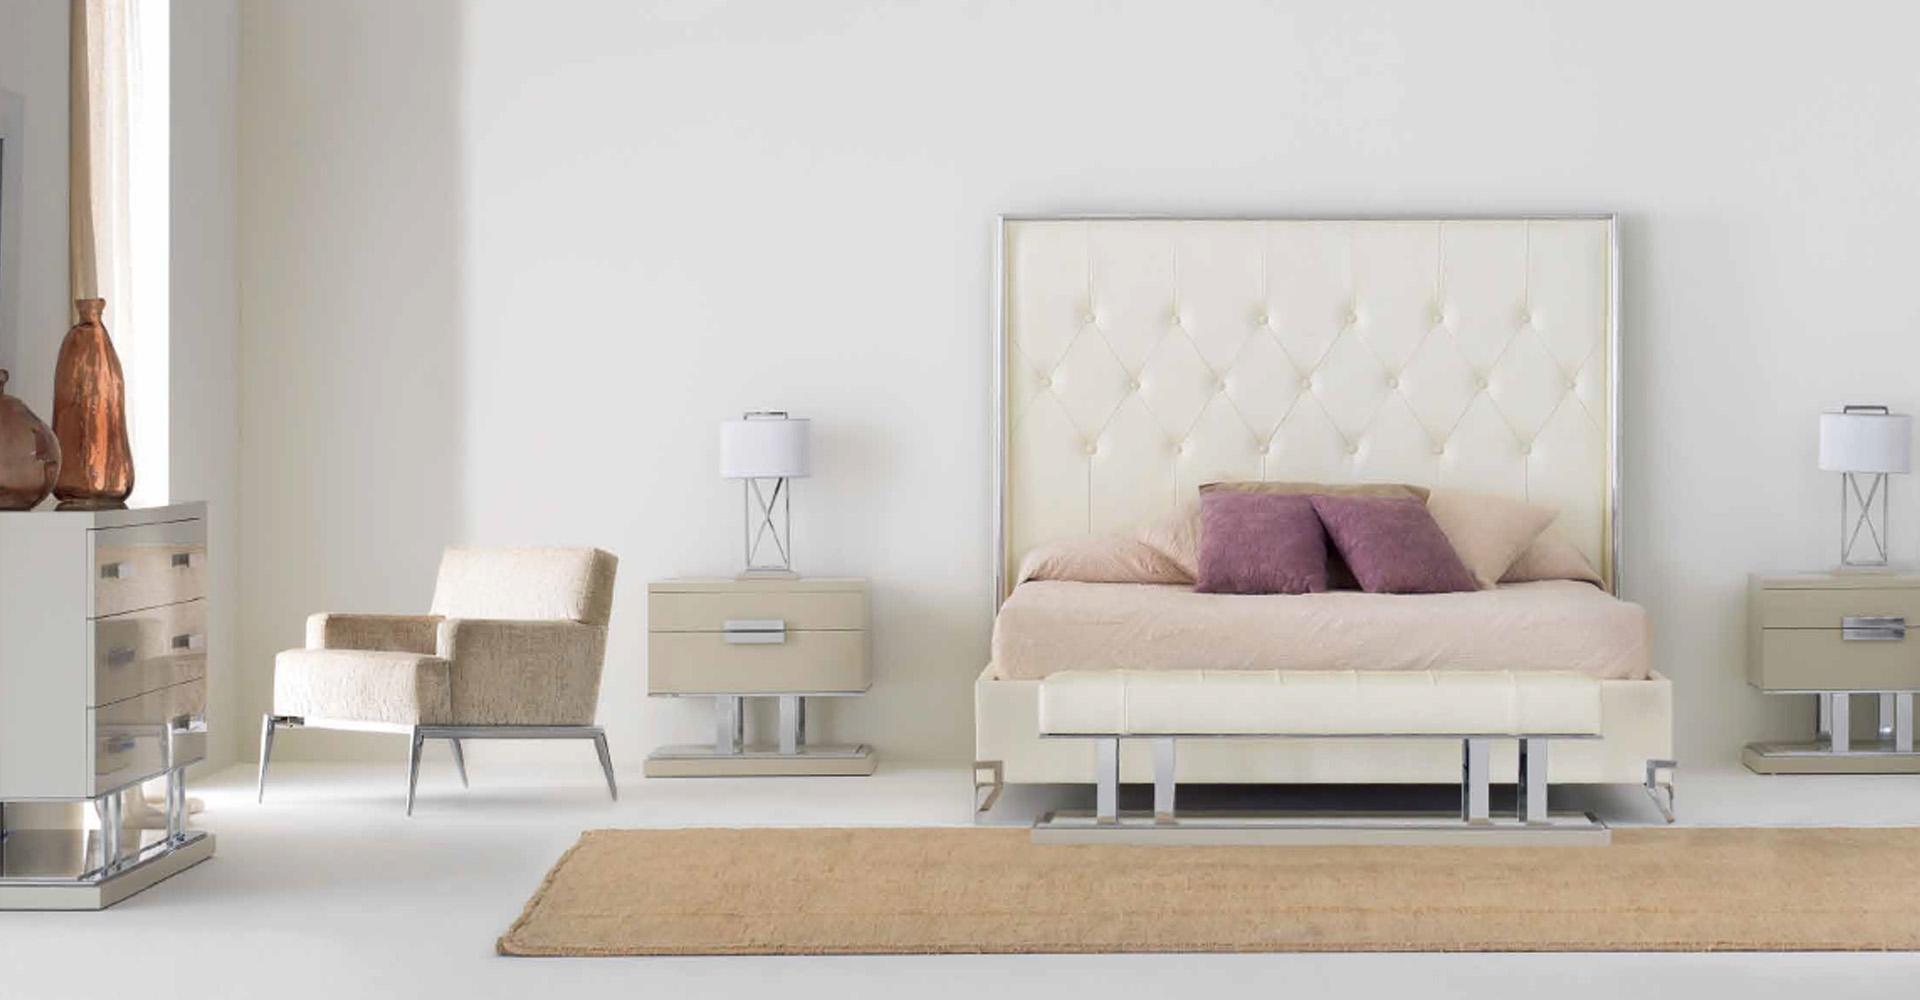 dormitorio de estilo contemporaneo (114)